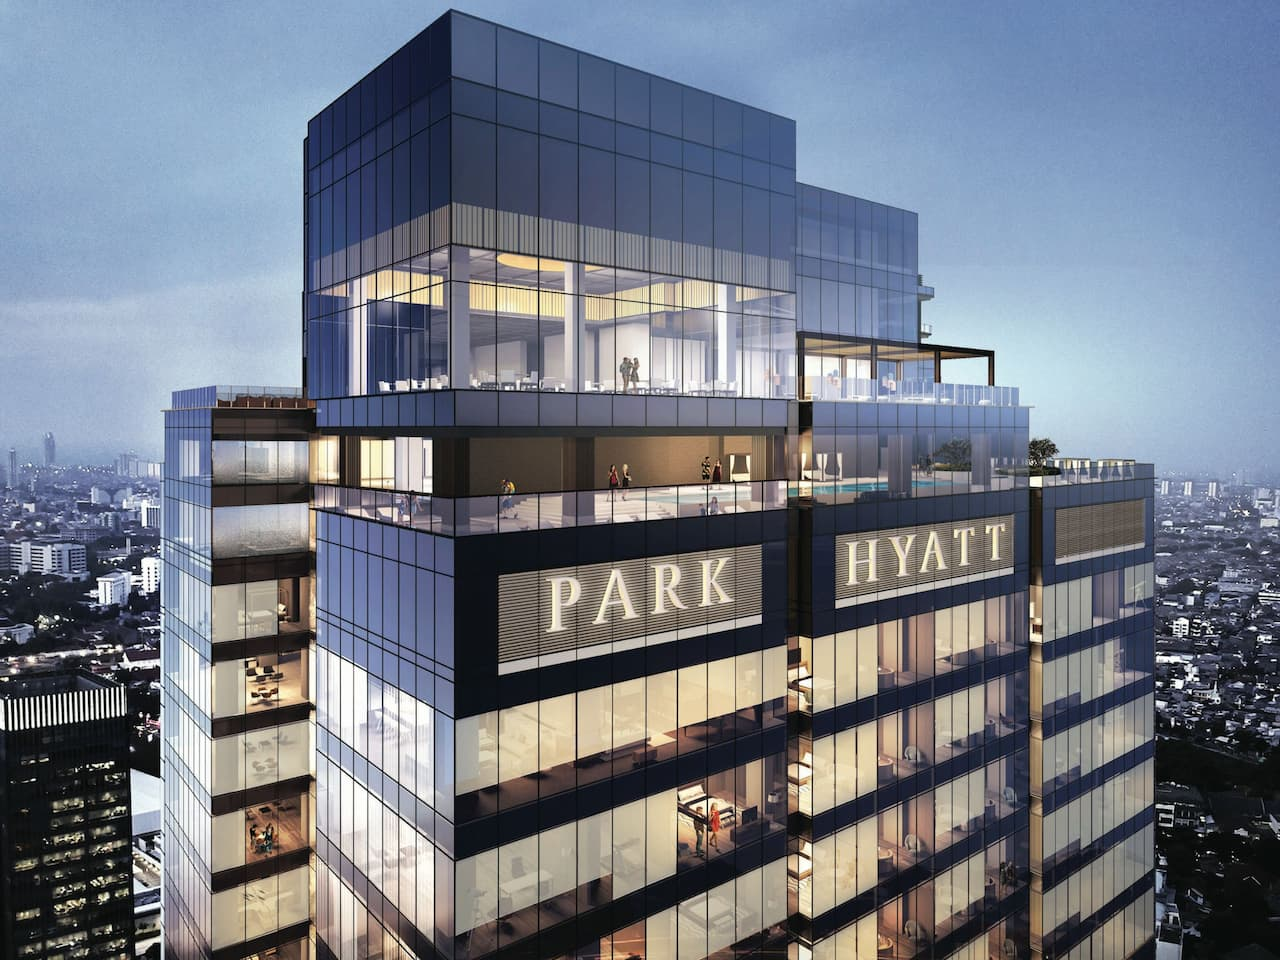 Park Hyatt Jakarta Exterior